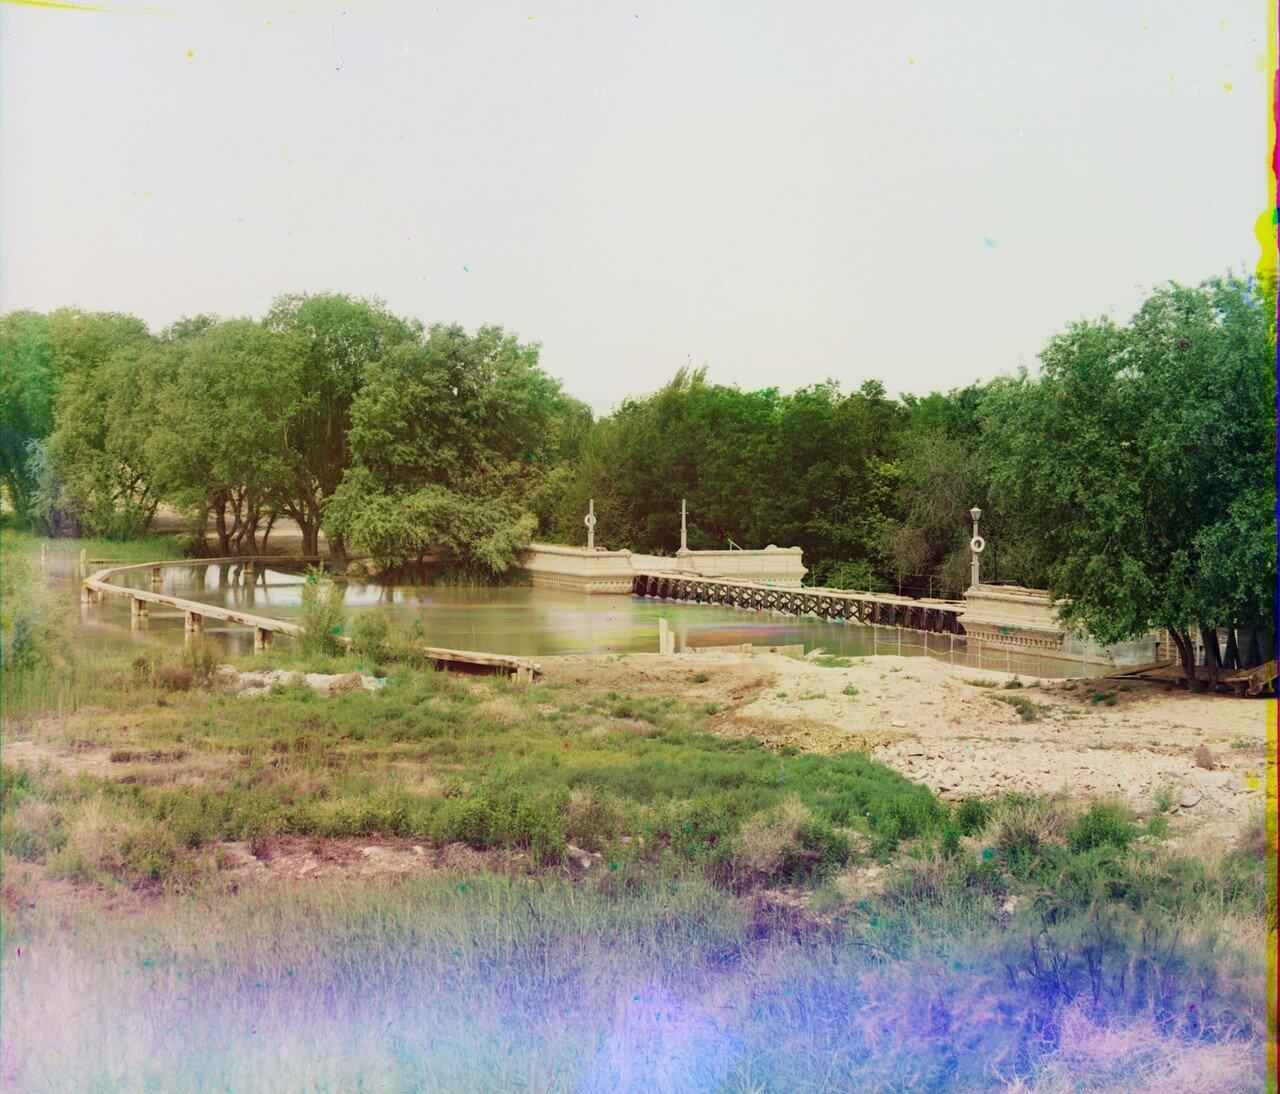 Окрестности Мерва. Байрам-Али. Мургабское имение. Задняя сторона Гундукушской плотины